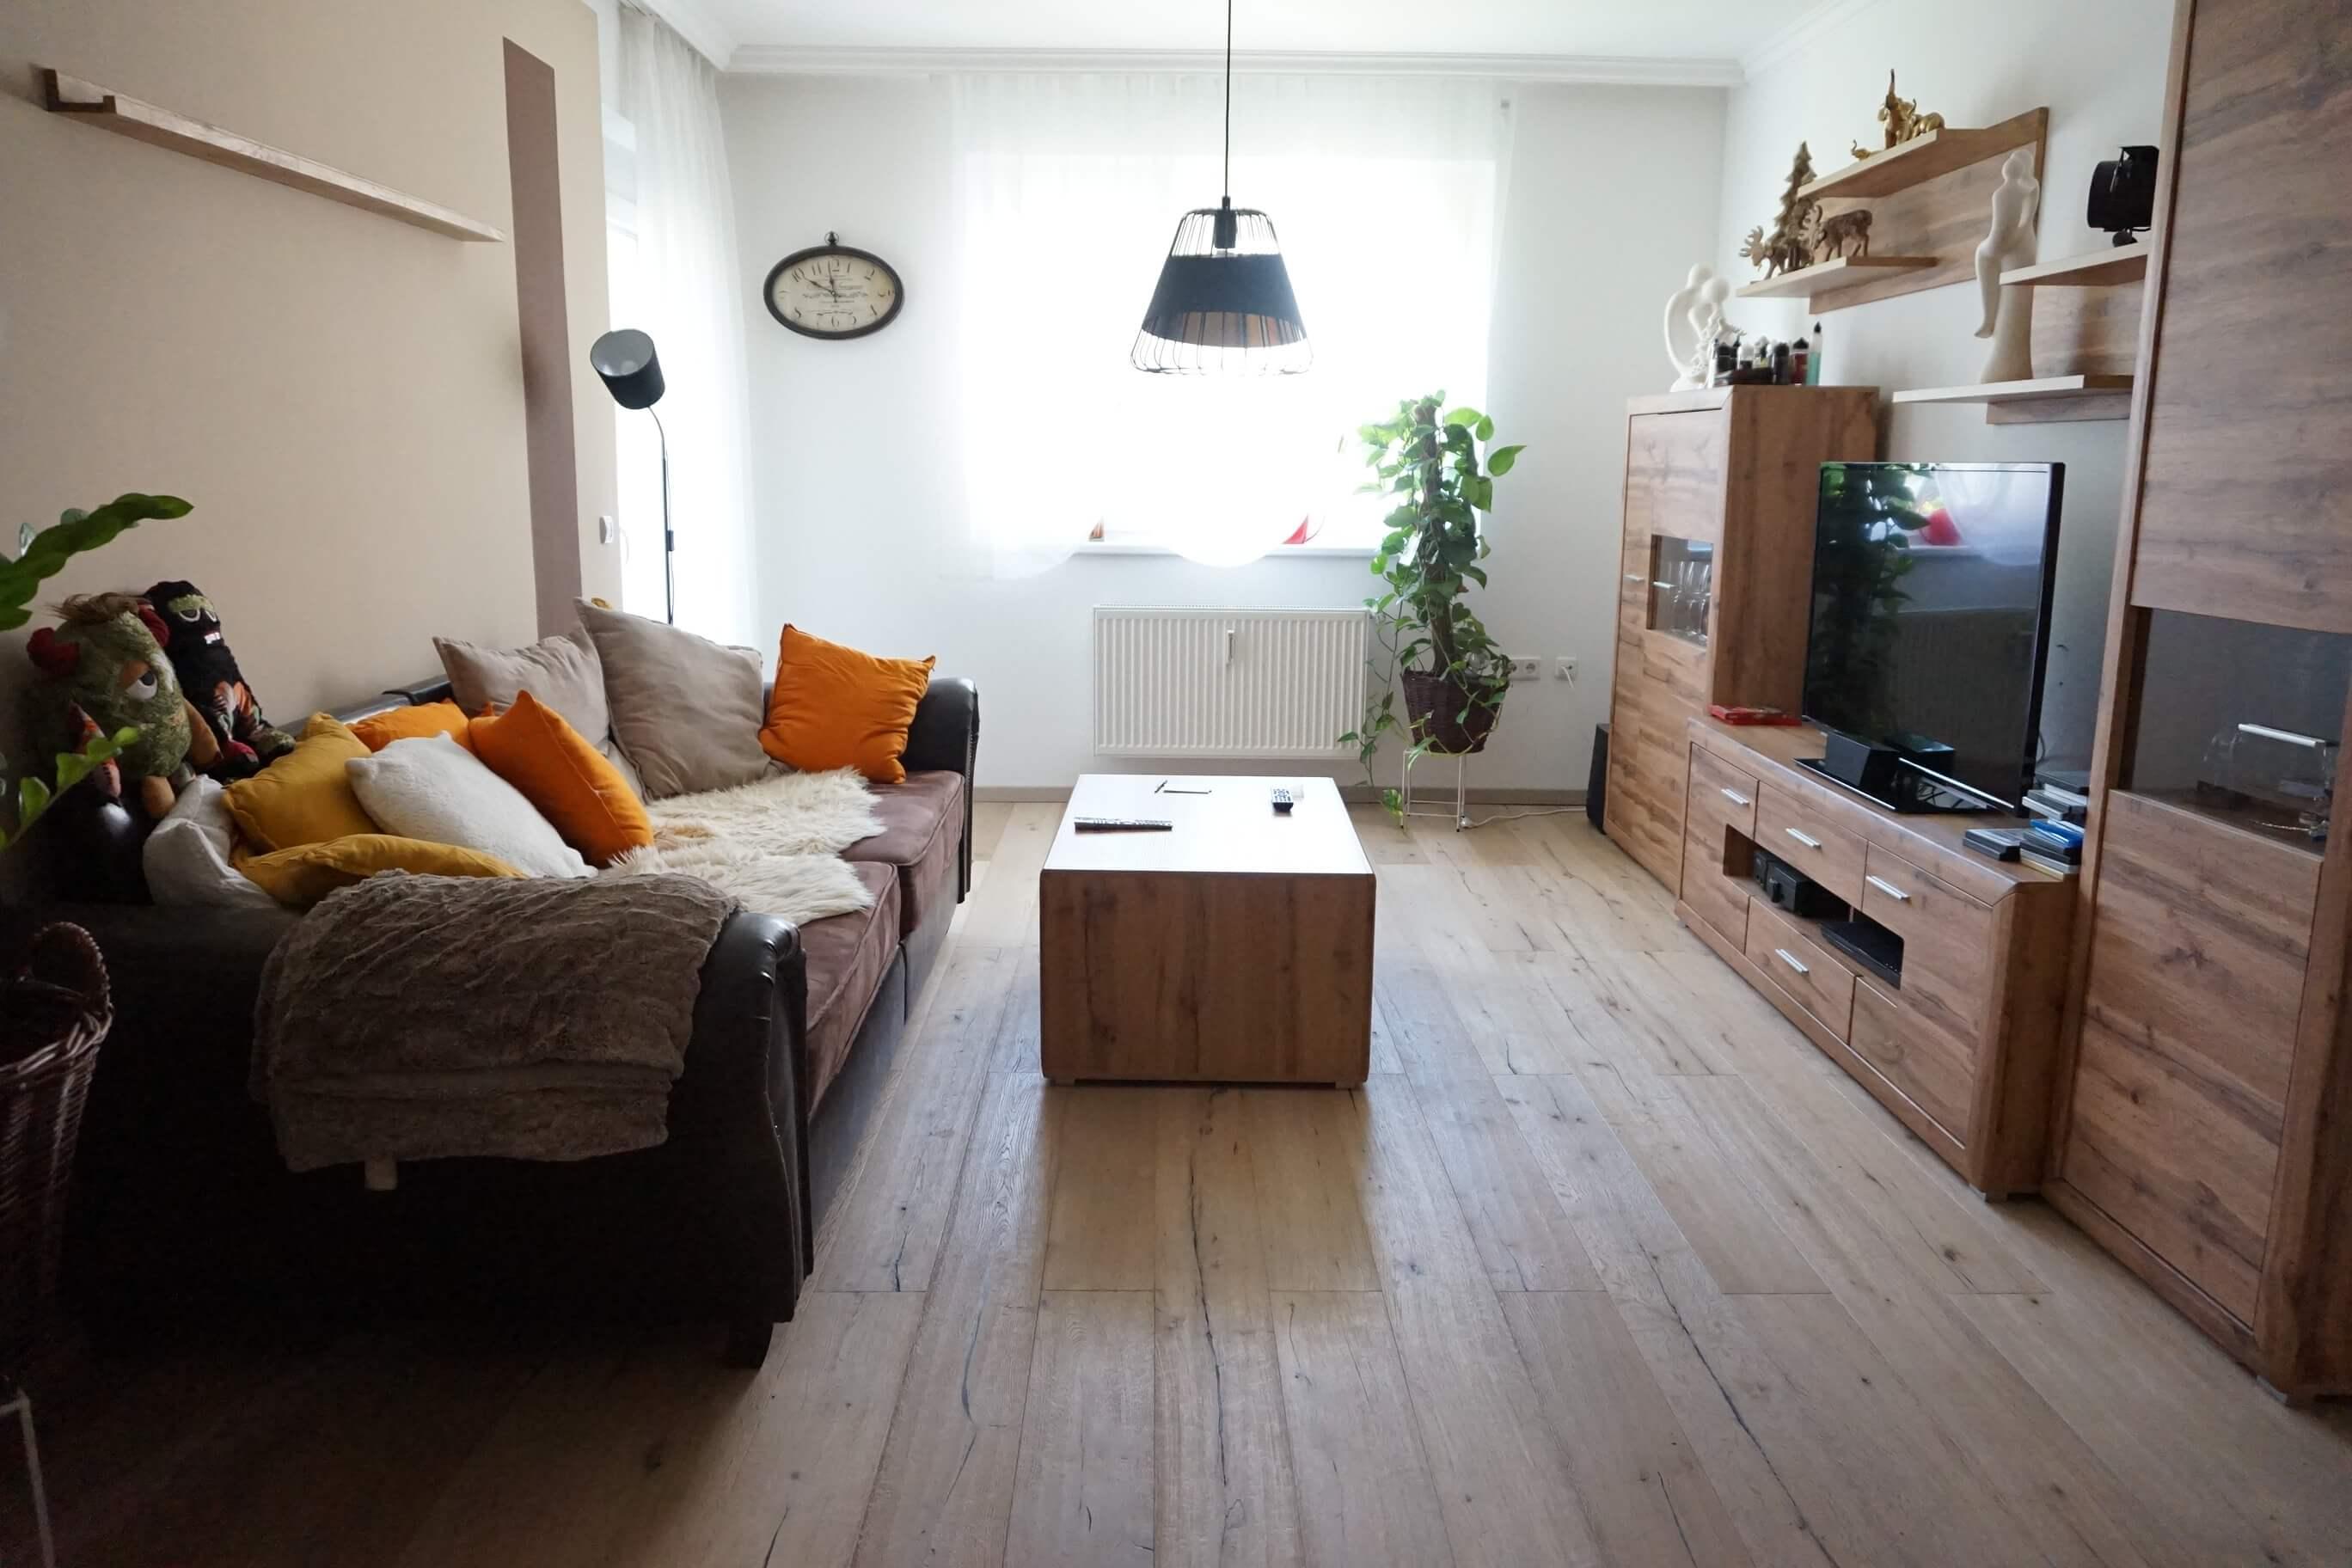 Kapfenberg/Walfersam: 4-Zimmer Wohnung in zentraler Lage